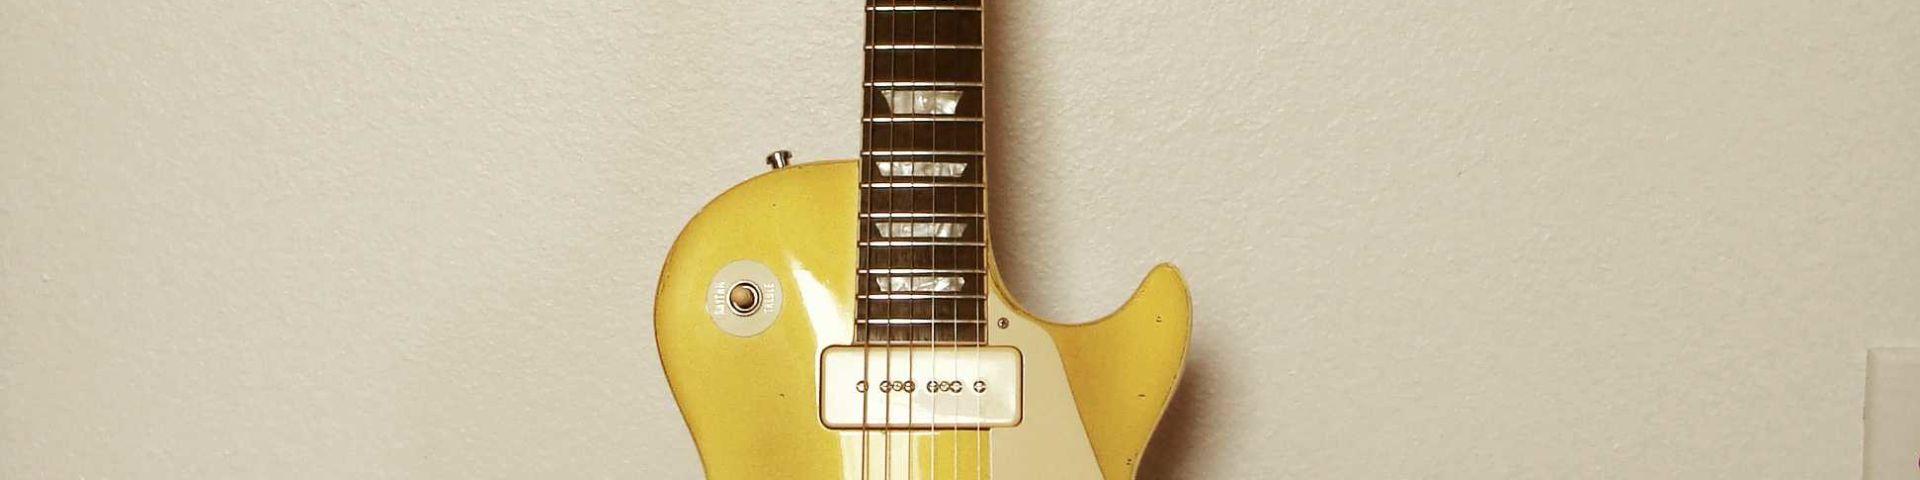 Les Paul - E-Gitarrenguru.de